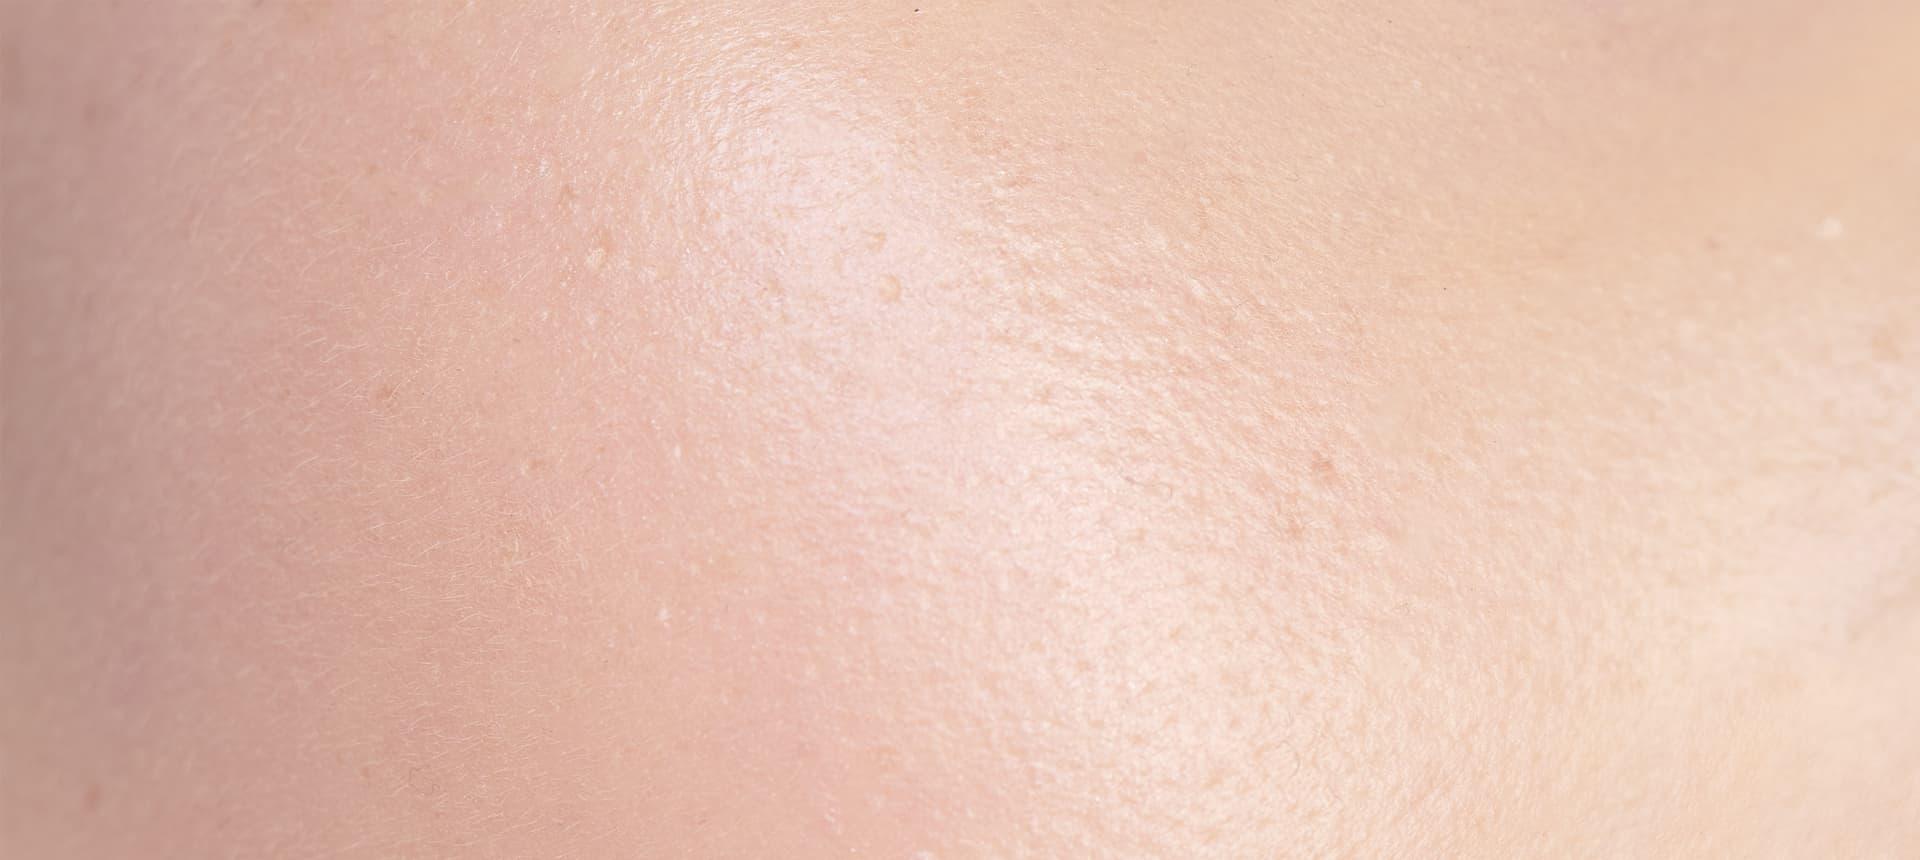 Impactul Expozomului: Efectele acestuia asupra pielii